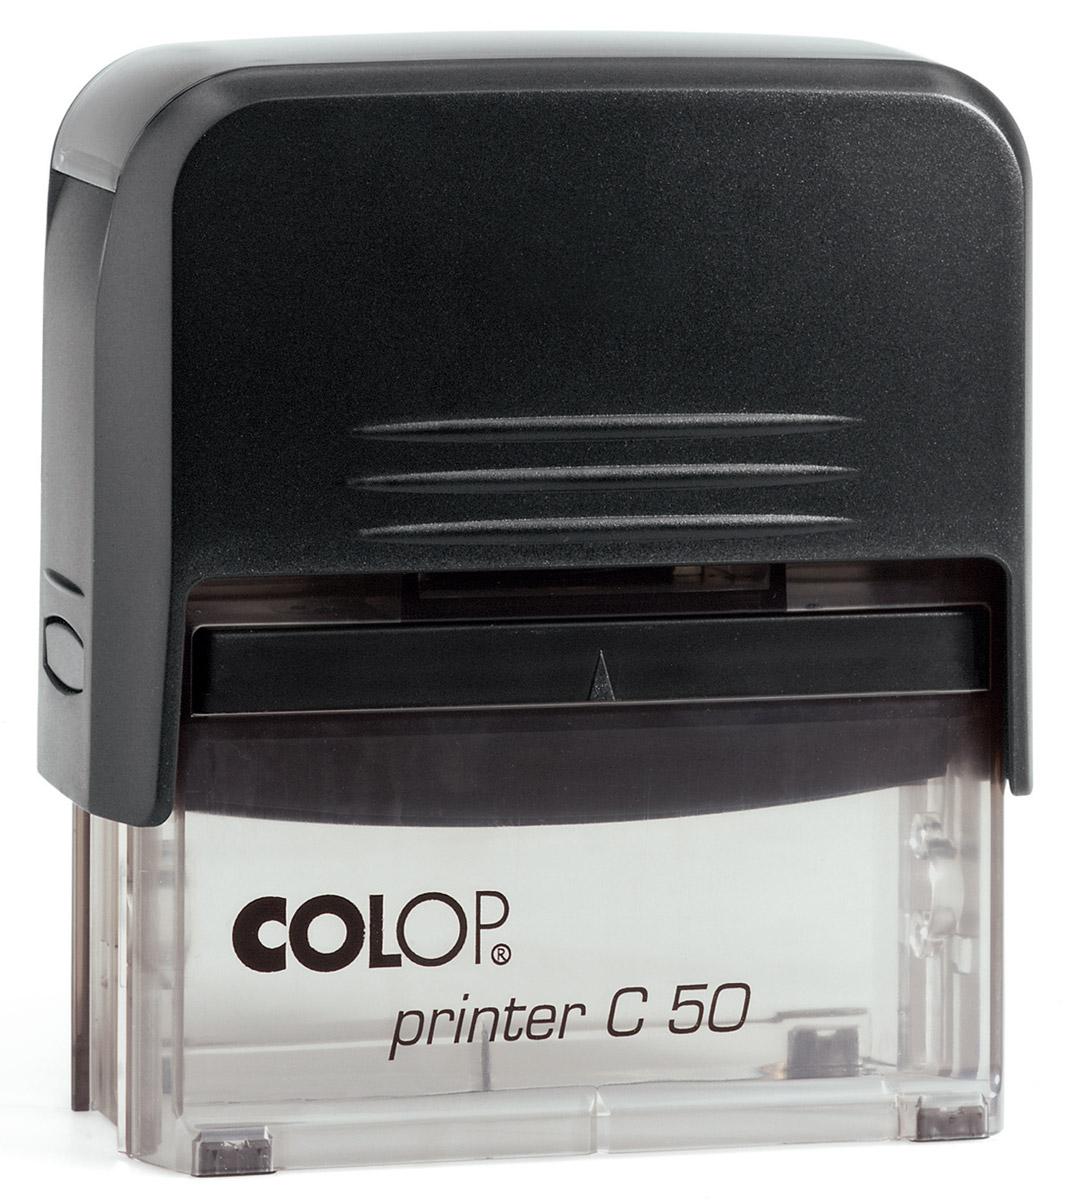 Colop Штамп самонаборный восьмистрочный Printer C50Printer50-SETСамонаборный восьмистрочный штамп Colop Printer C50 используется для самостоятельного набора и изменения текста. Крепление символов на одной ножке. Имеет рамку. Штампы, модифицированные рамкой, могут использоваться как с рамкой, так и без.Кол-во строк - 8 (6), кол-во знаков в строке - 43 (36)/30 (23). В комплекте пластиковый корпус с автоматическим окрашиванием, кассы букв Type Set A и Type Set B, сменная штемпельная подушка 30 мм х 69 мм (код С10898), пинцет.